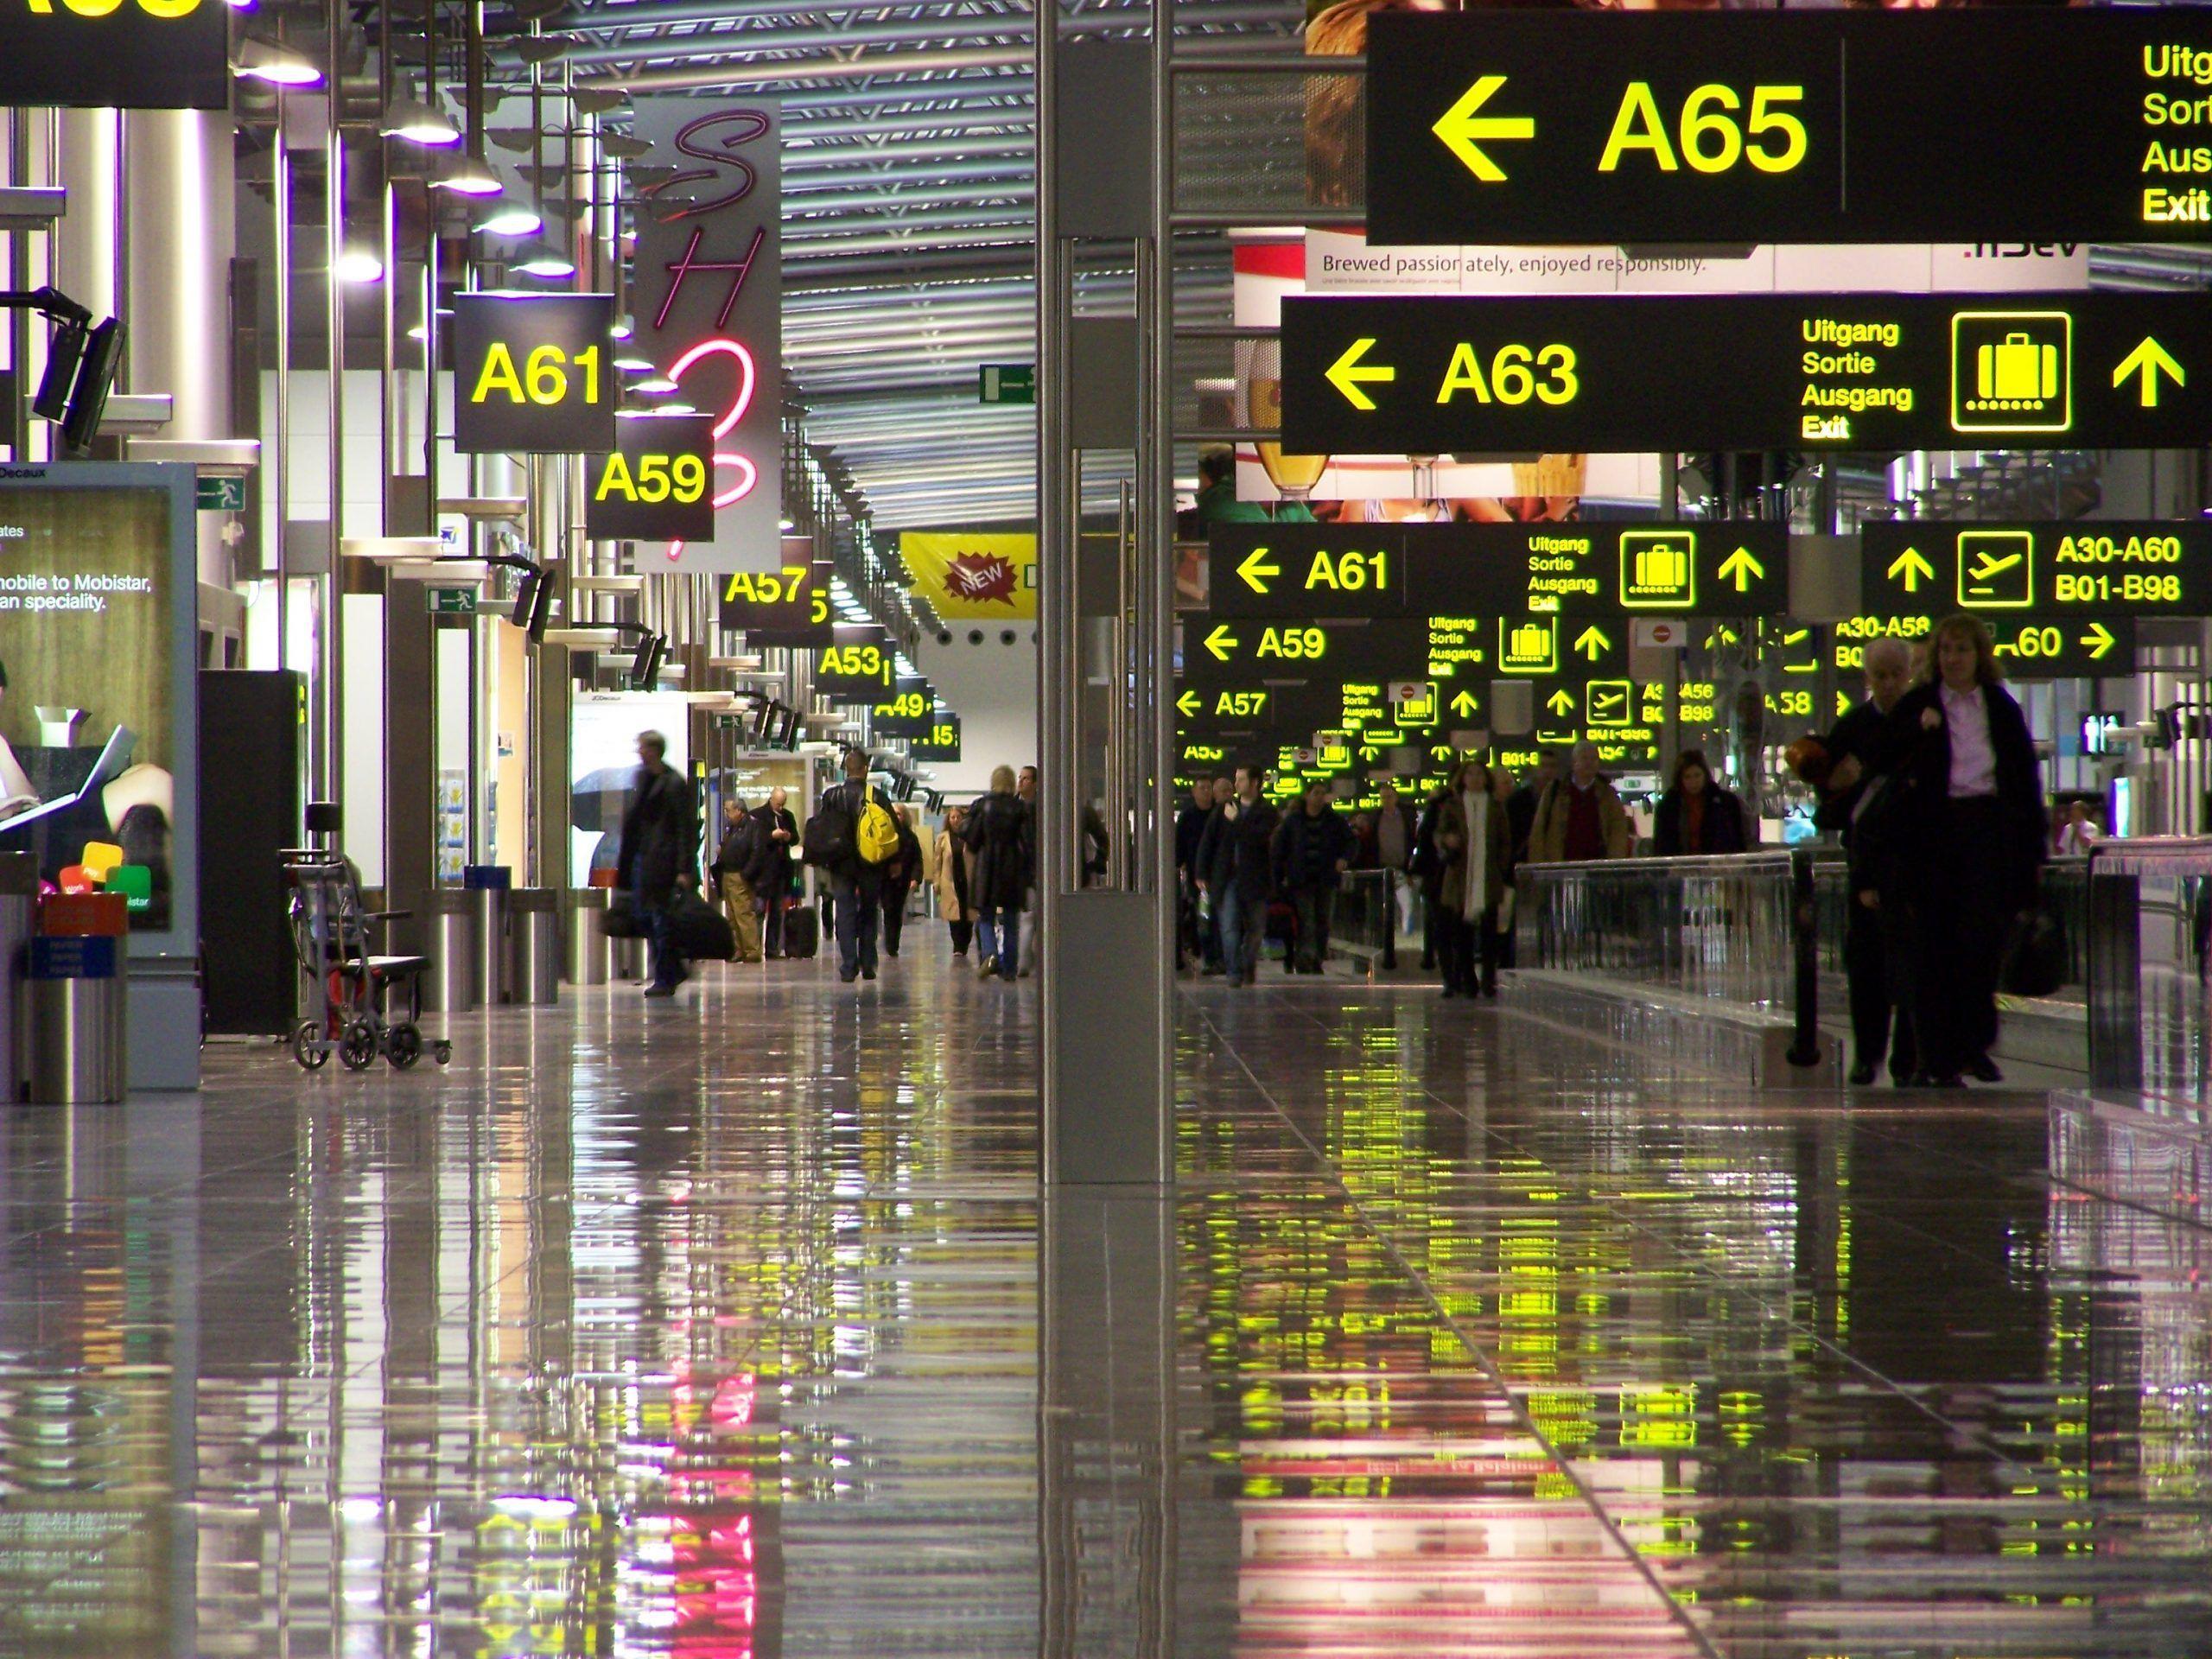 Aeroporto internazionale Bruxelles